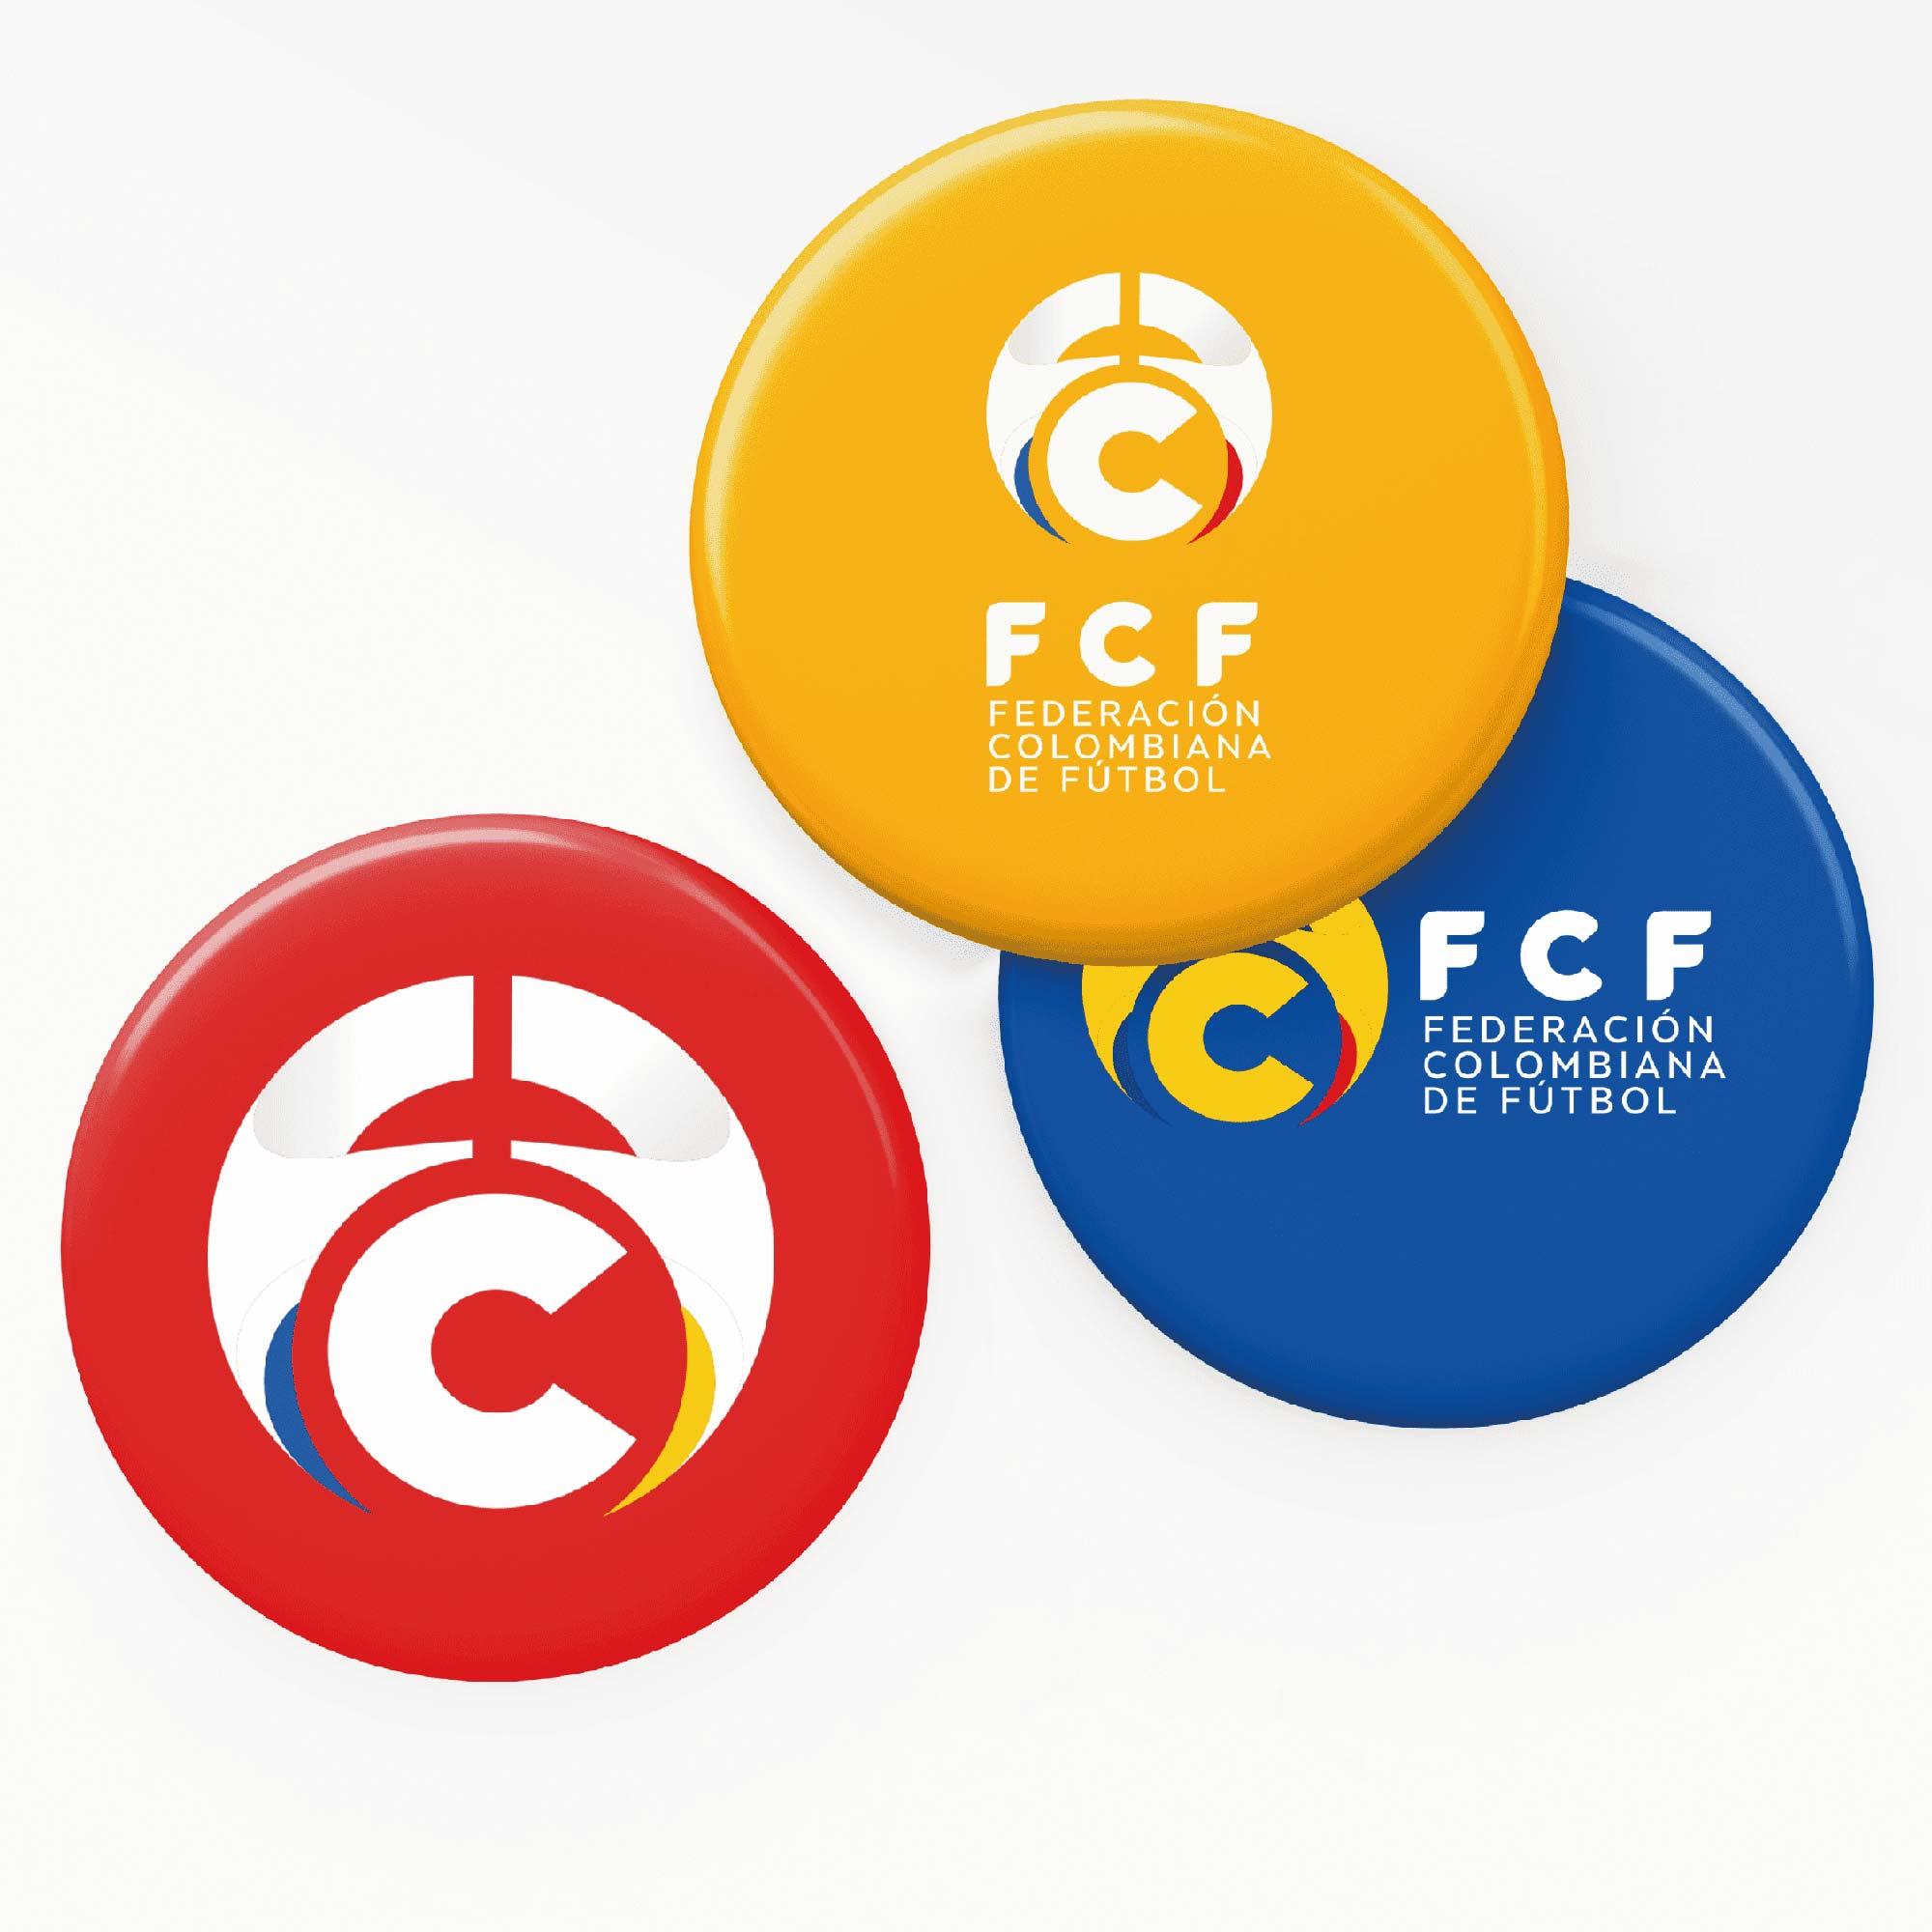 BRANDING-FEDERACION-DE-FURBOL-FCF-01